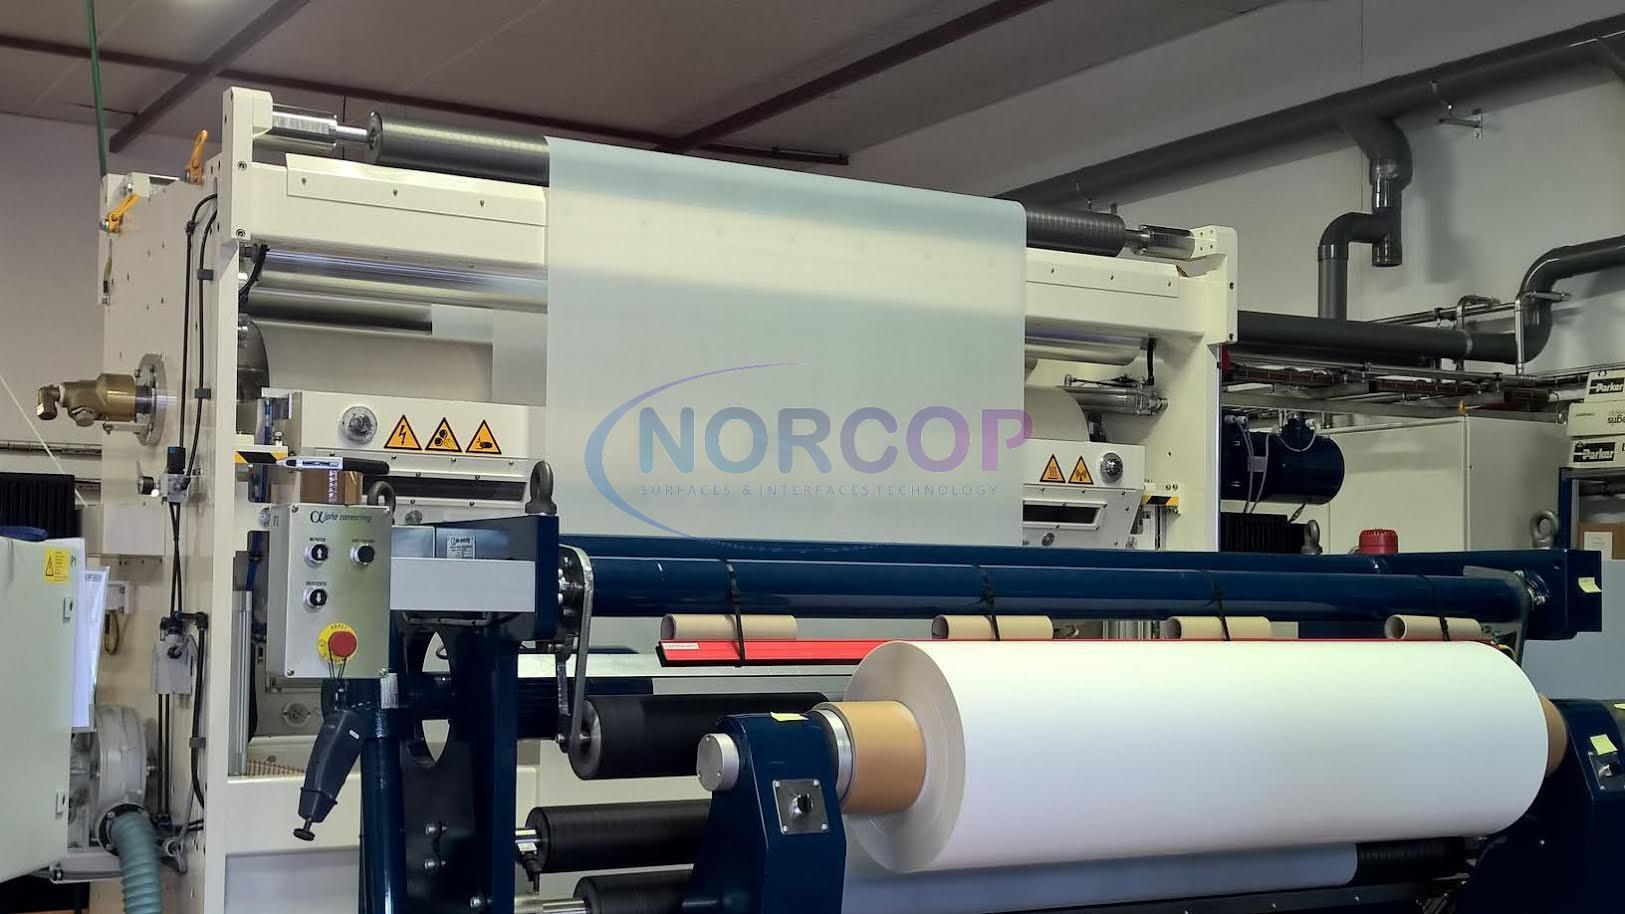 NORCOP.jpg